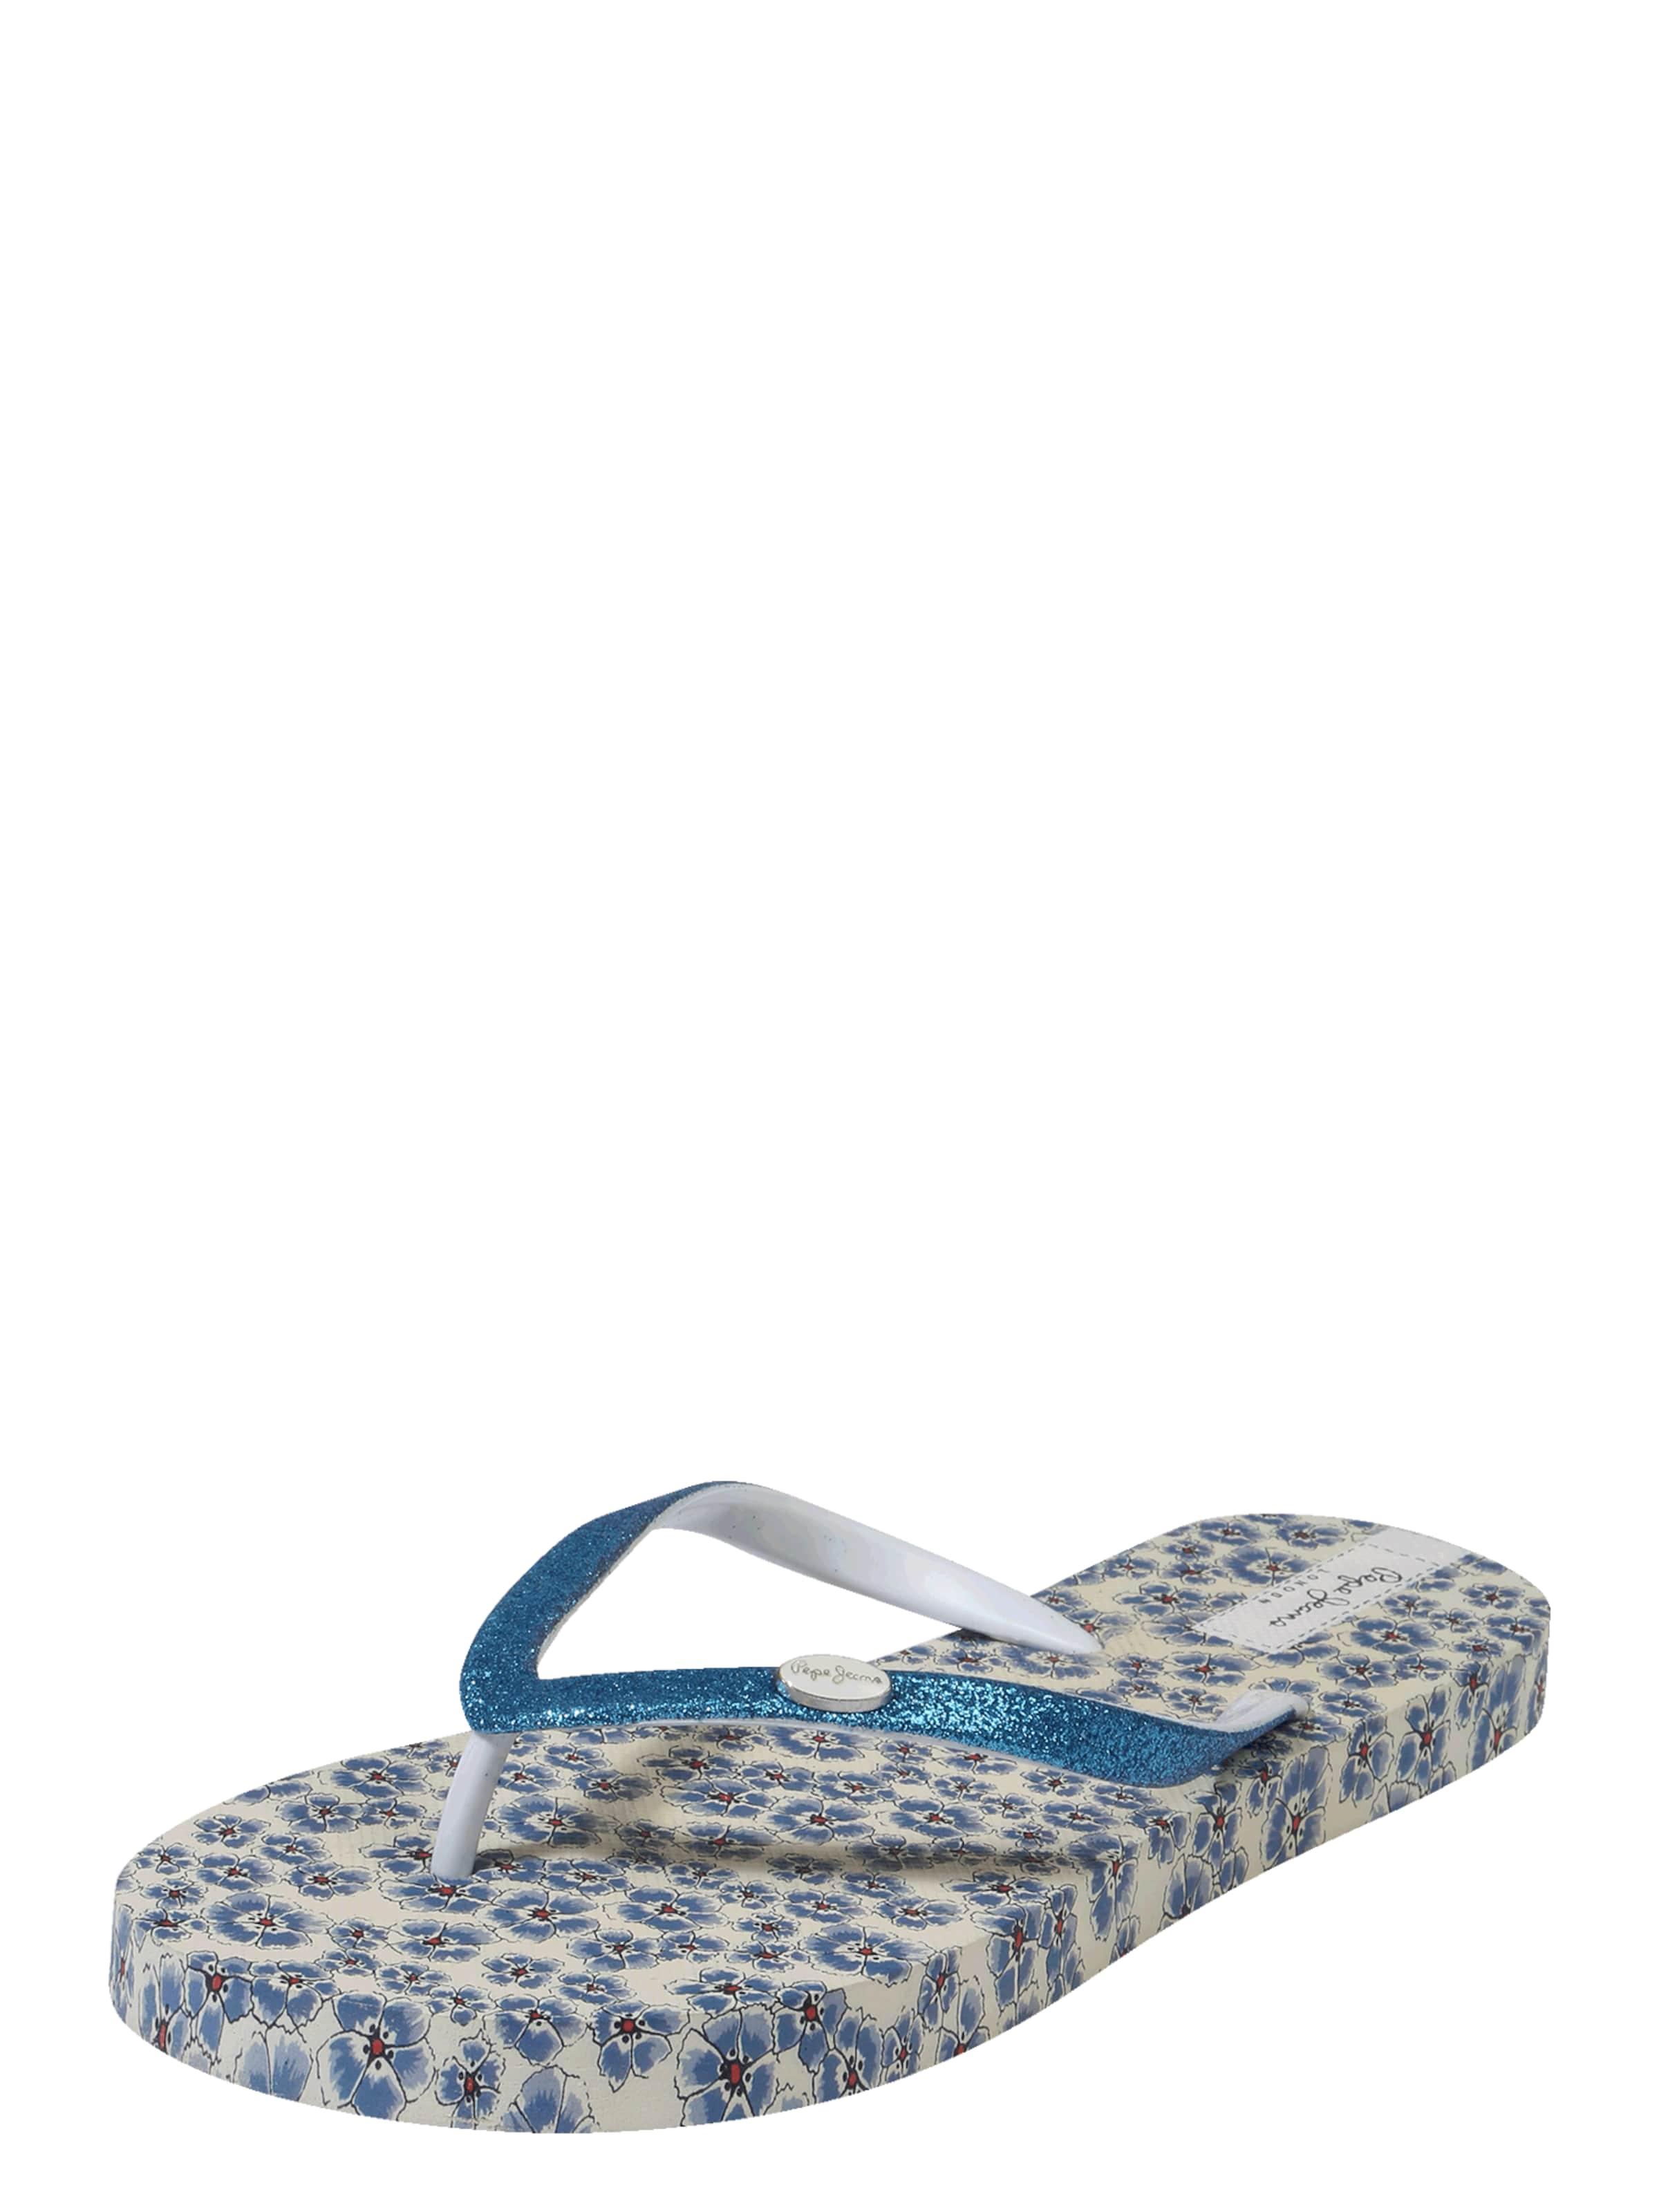 Günstig Kaufen Für Billig Spielraum Erhalten Zu Kaufen Pepe Jeans Sandale 'RAKE COCO' Bestbewertet L4rO5w